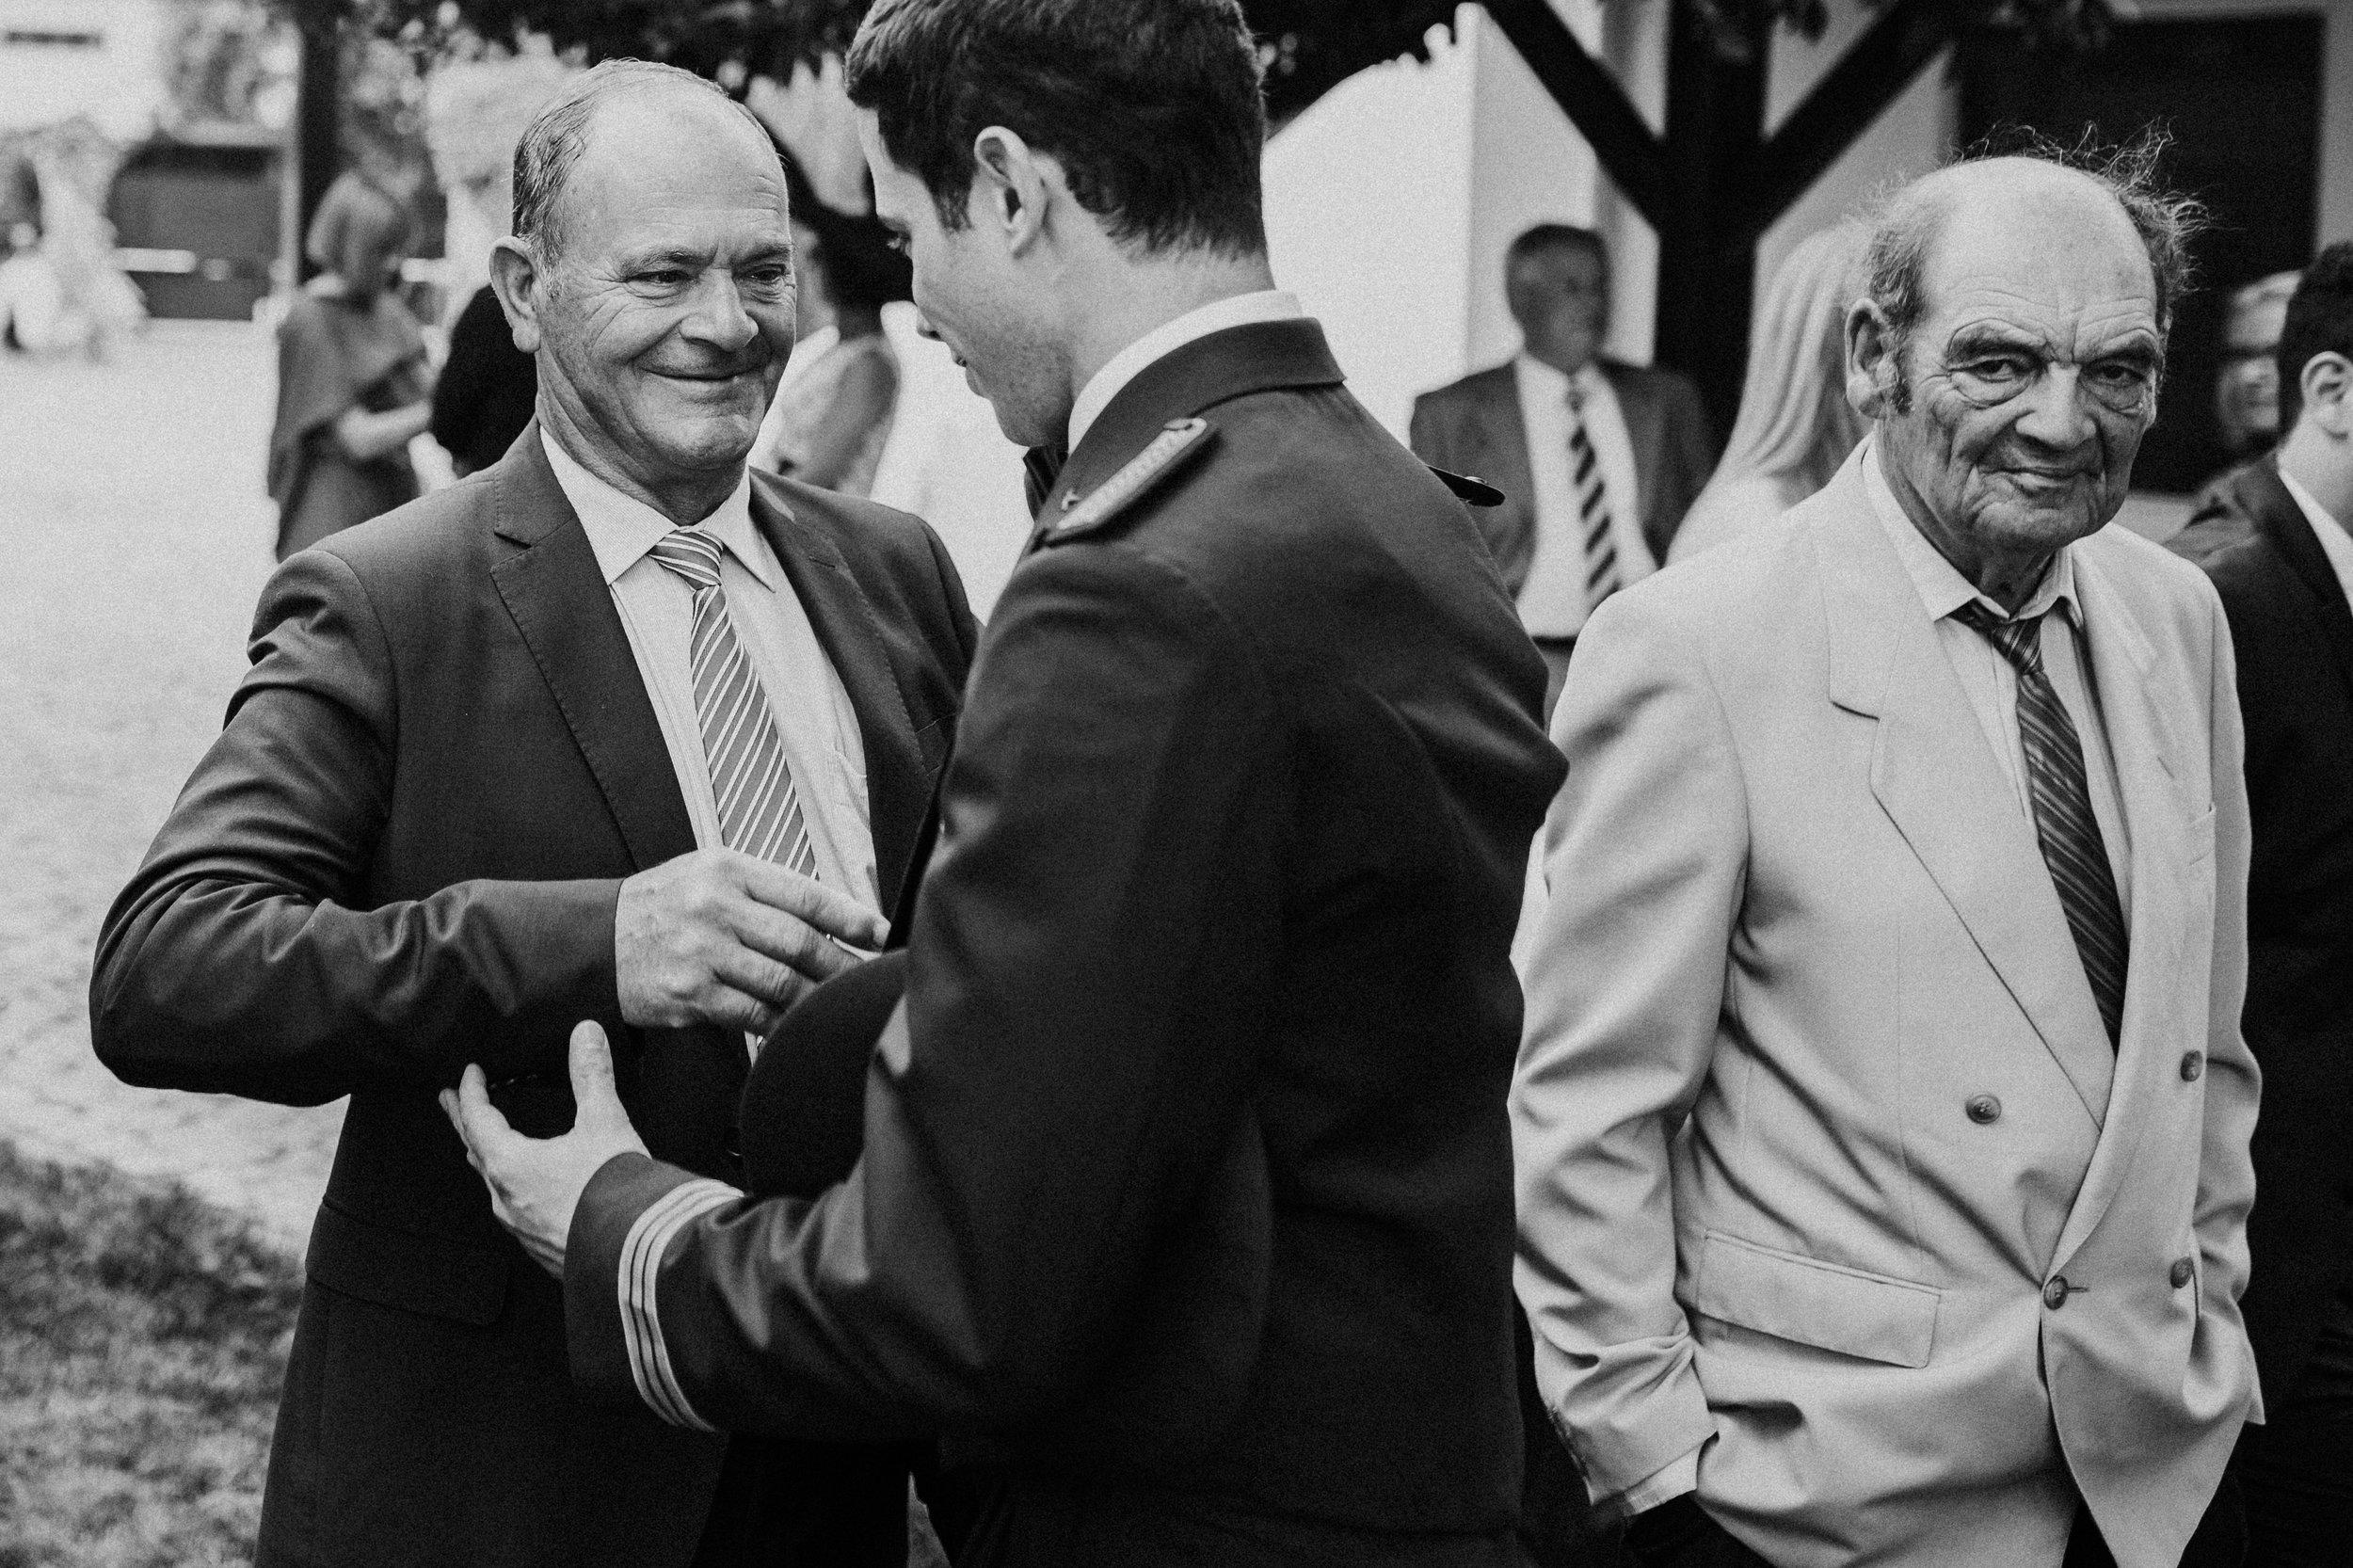 A&R_096_ 07_julho_2018 WEDDING DAY.jpg